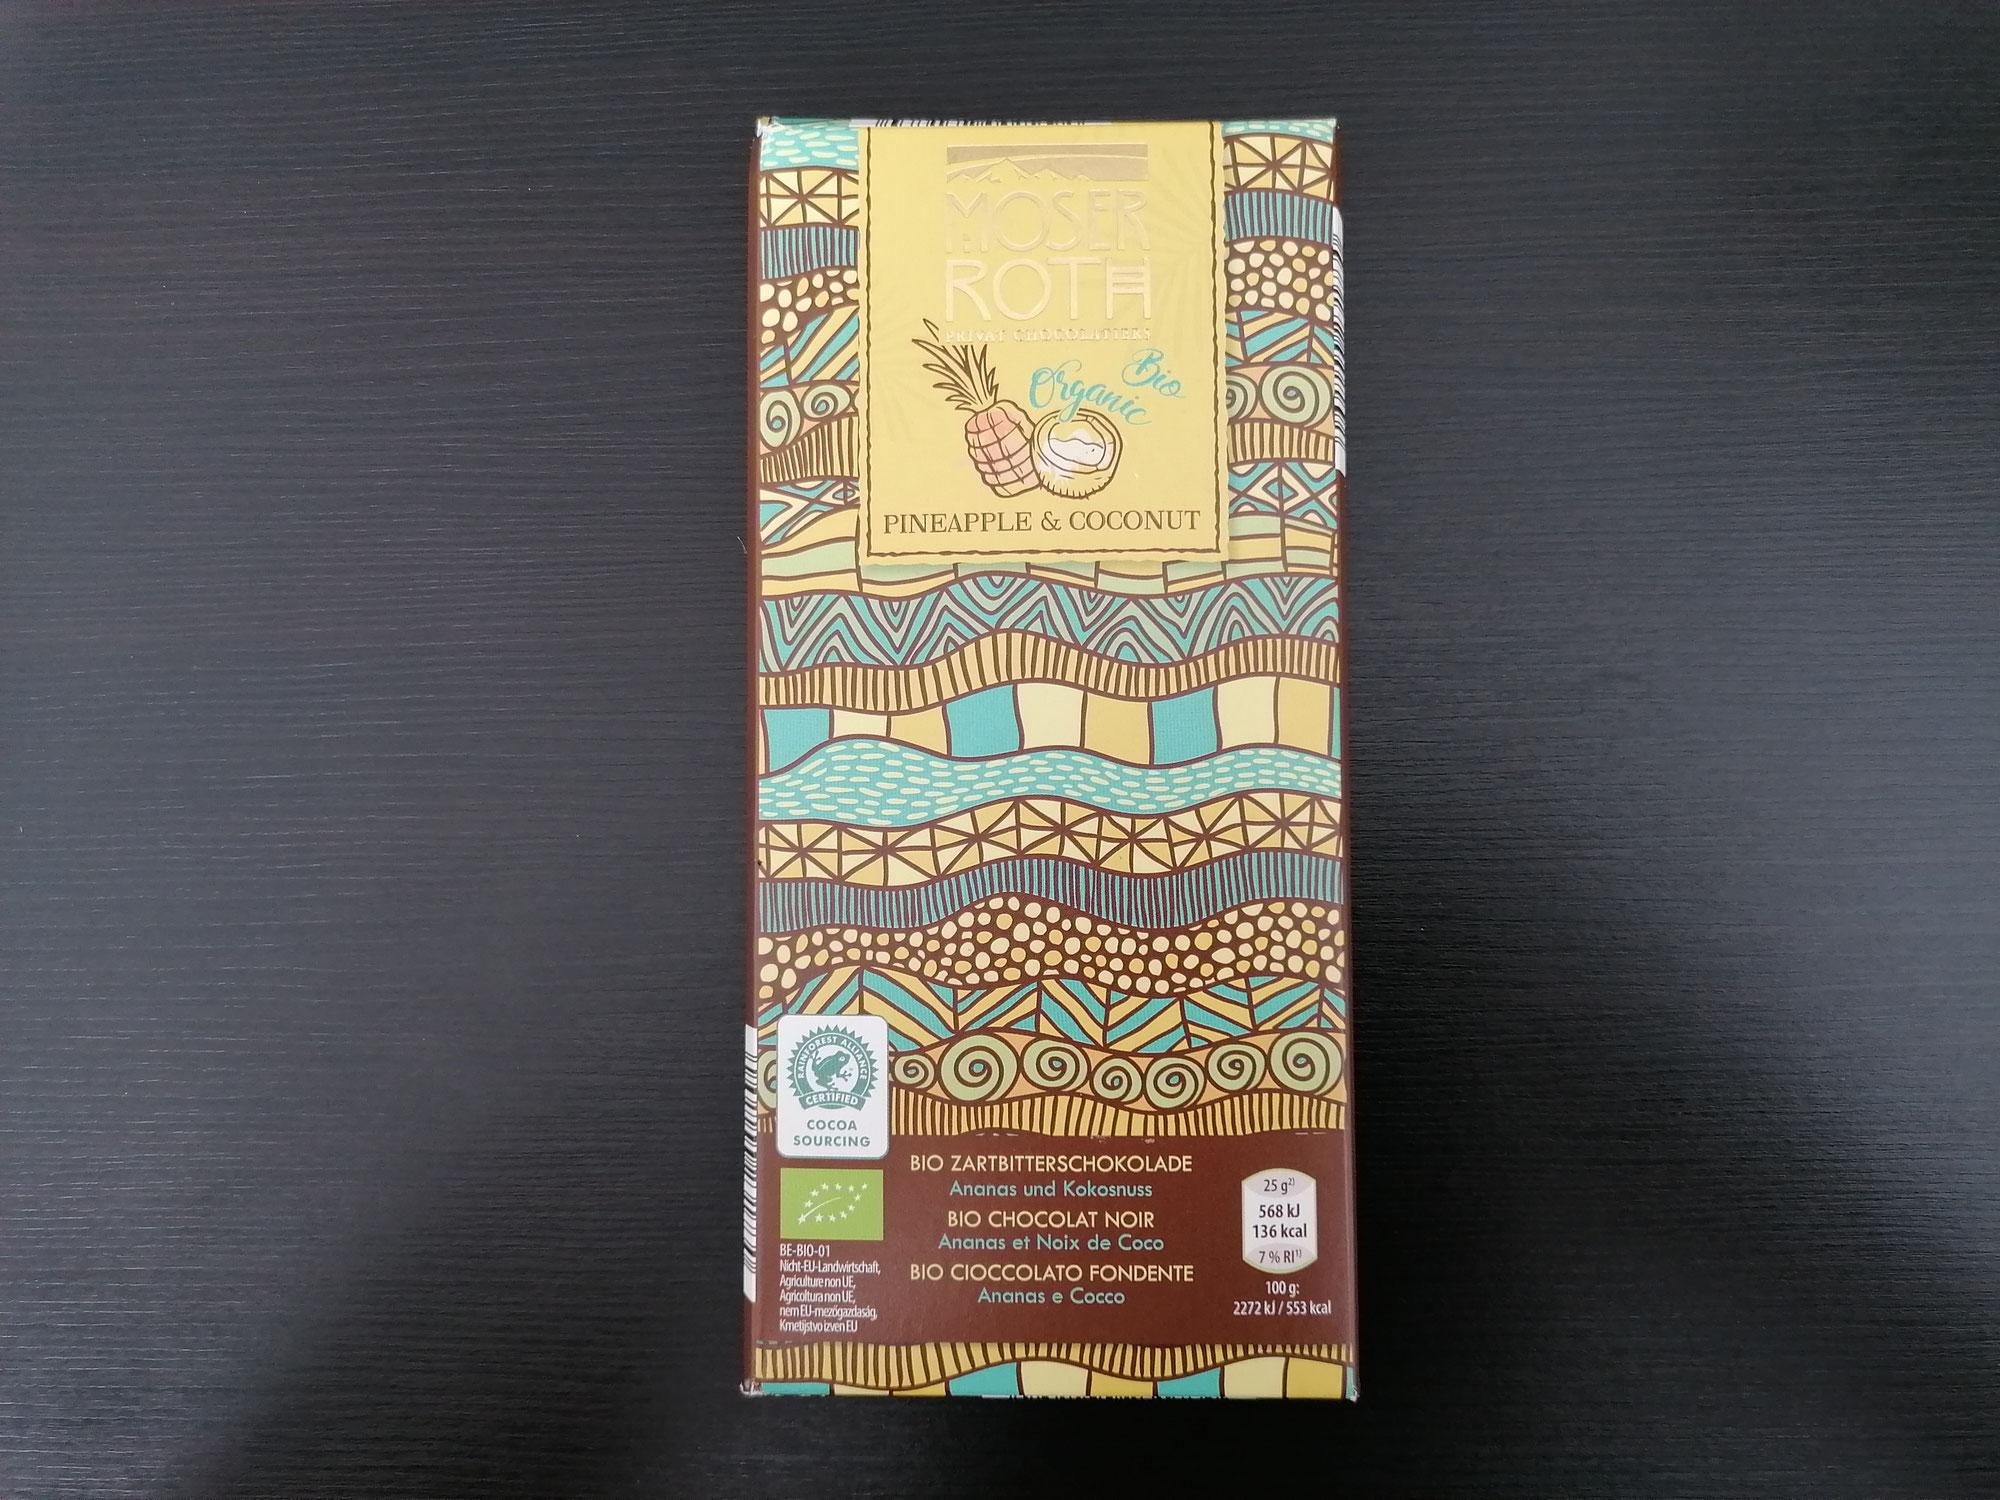 Moser Roth Bio Zartbitterschokolade mit Ananas und Kokosnuss